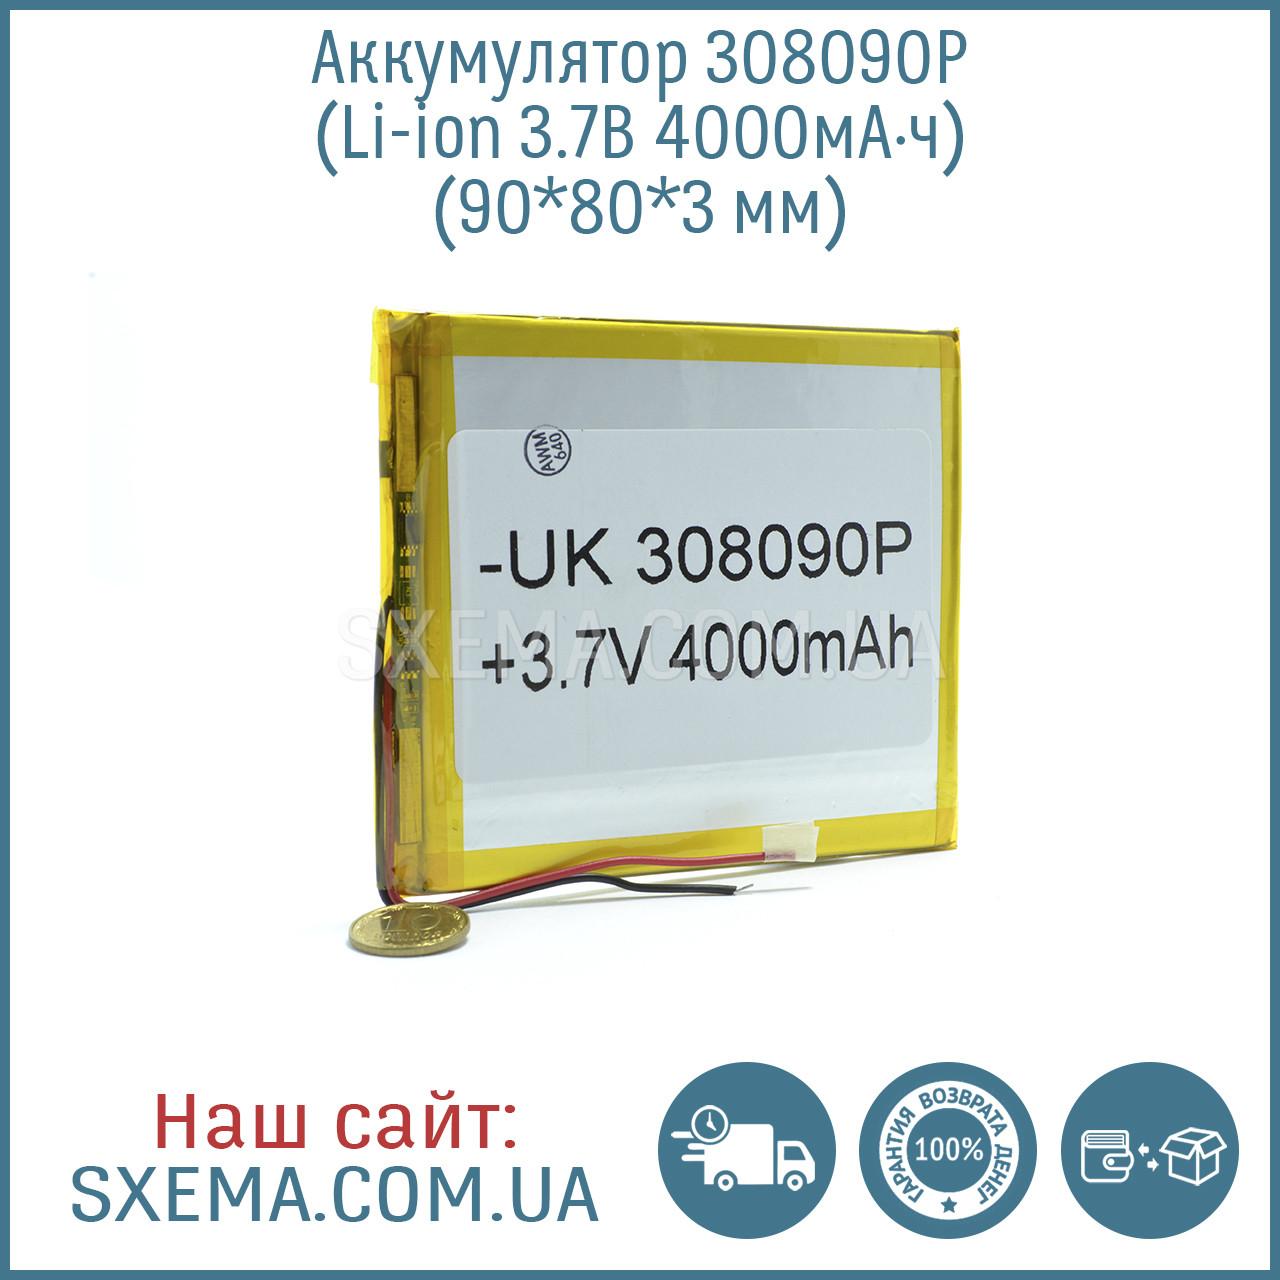 Аккумулятор универсальный 308090   (Li-ion 3.7В 4000мА·ч), (90*80*3 мм)